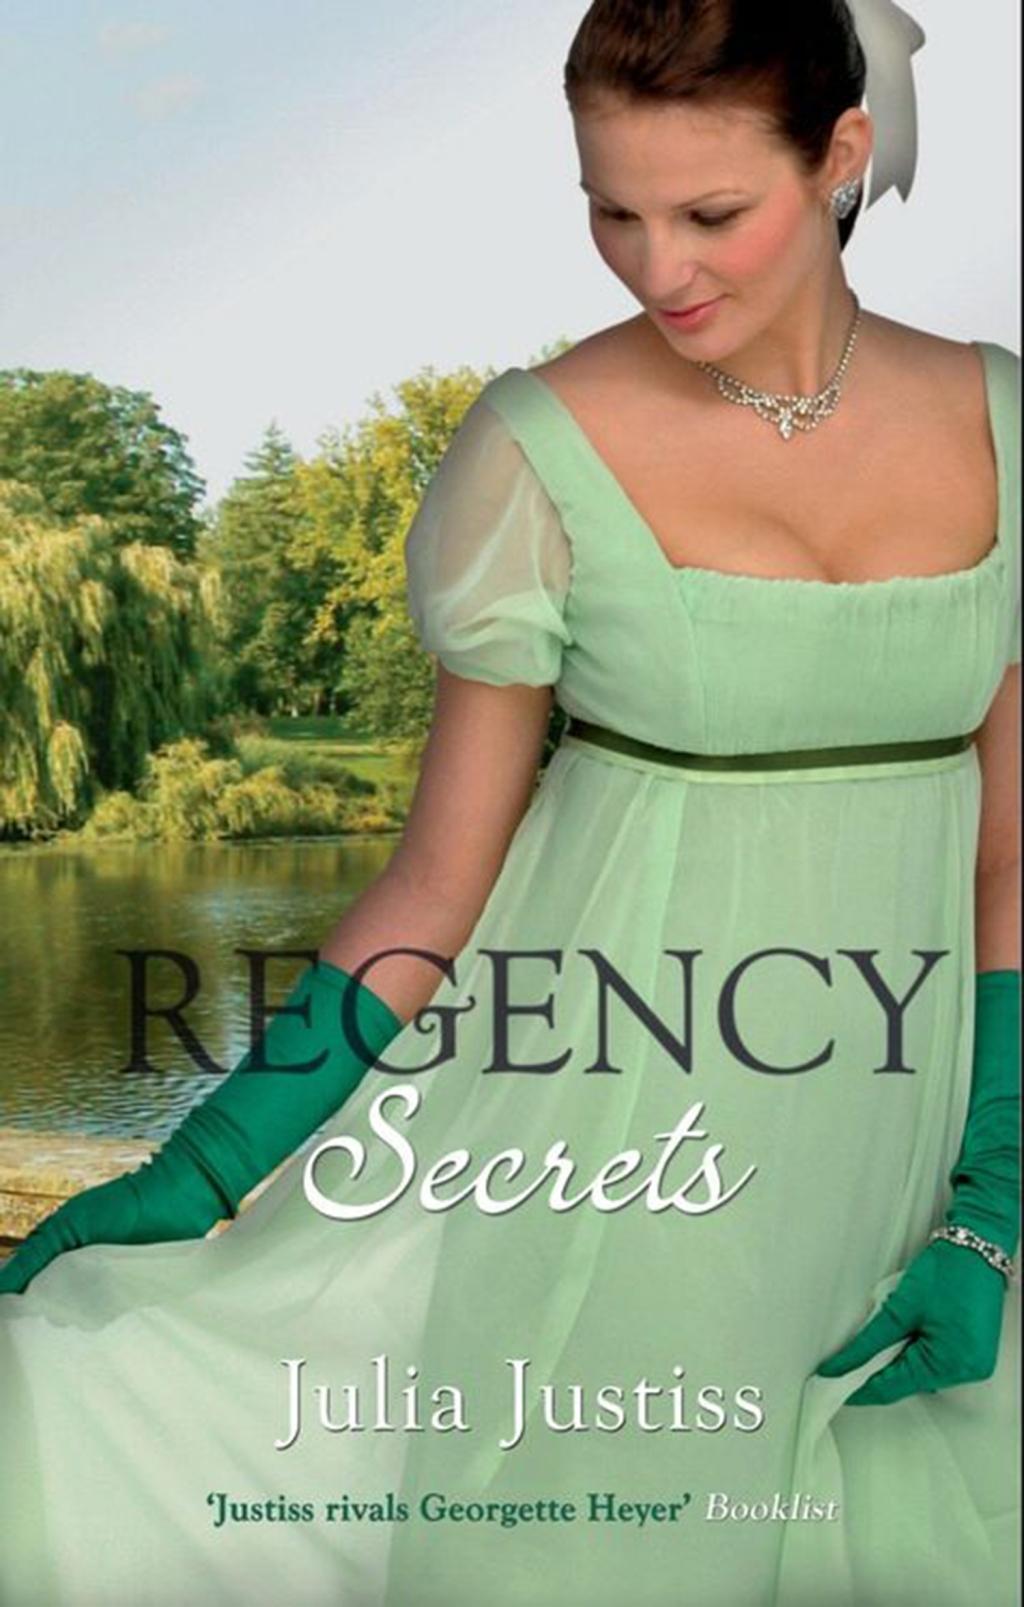 Regency Secrets: My Lady's Trust / My Lady's Pleasure (Mills & Boon M&B) (Regency, Book 32)